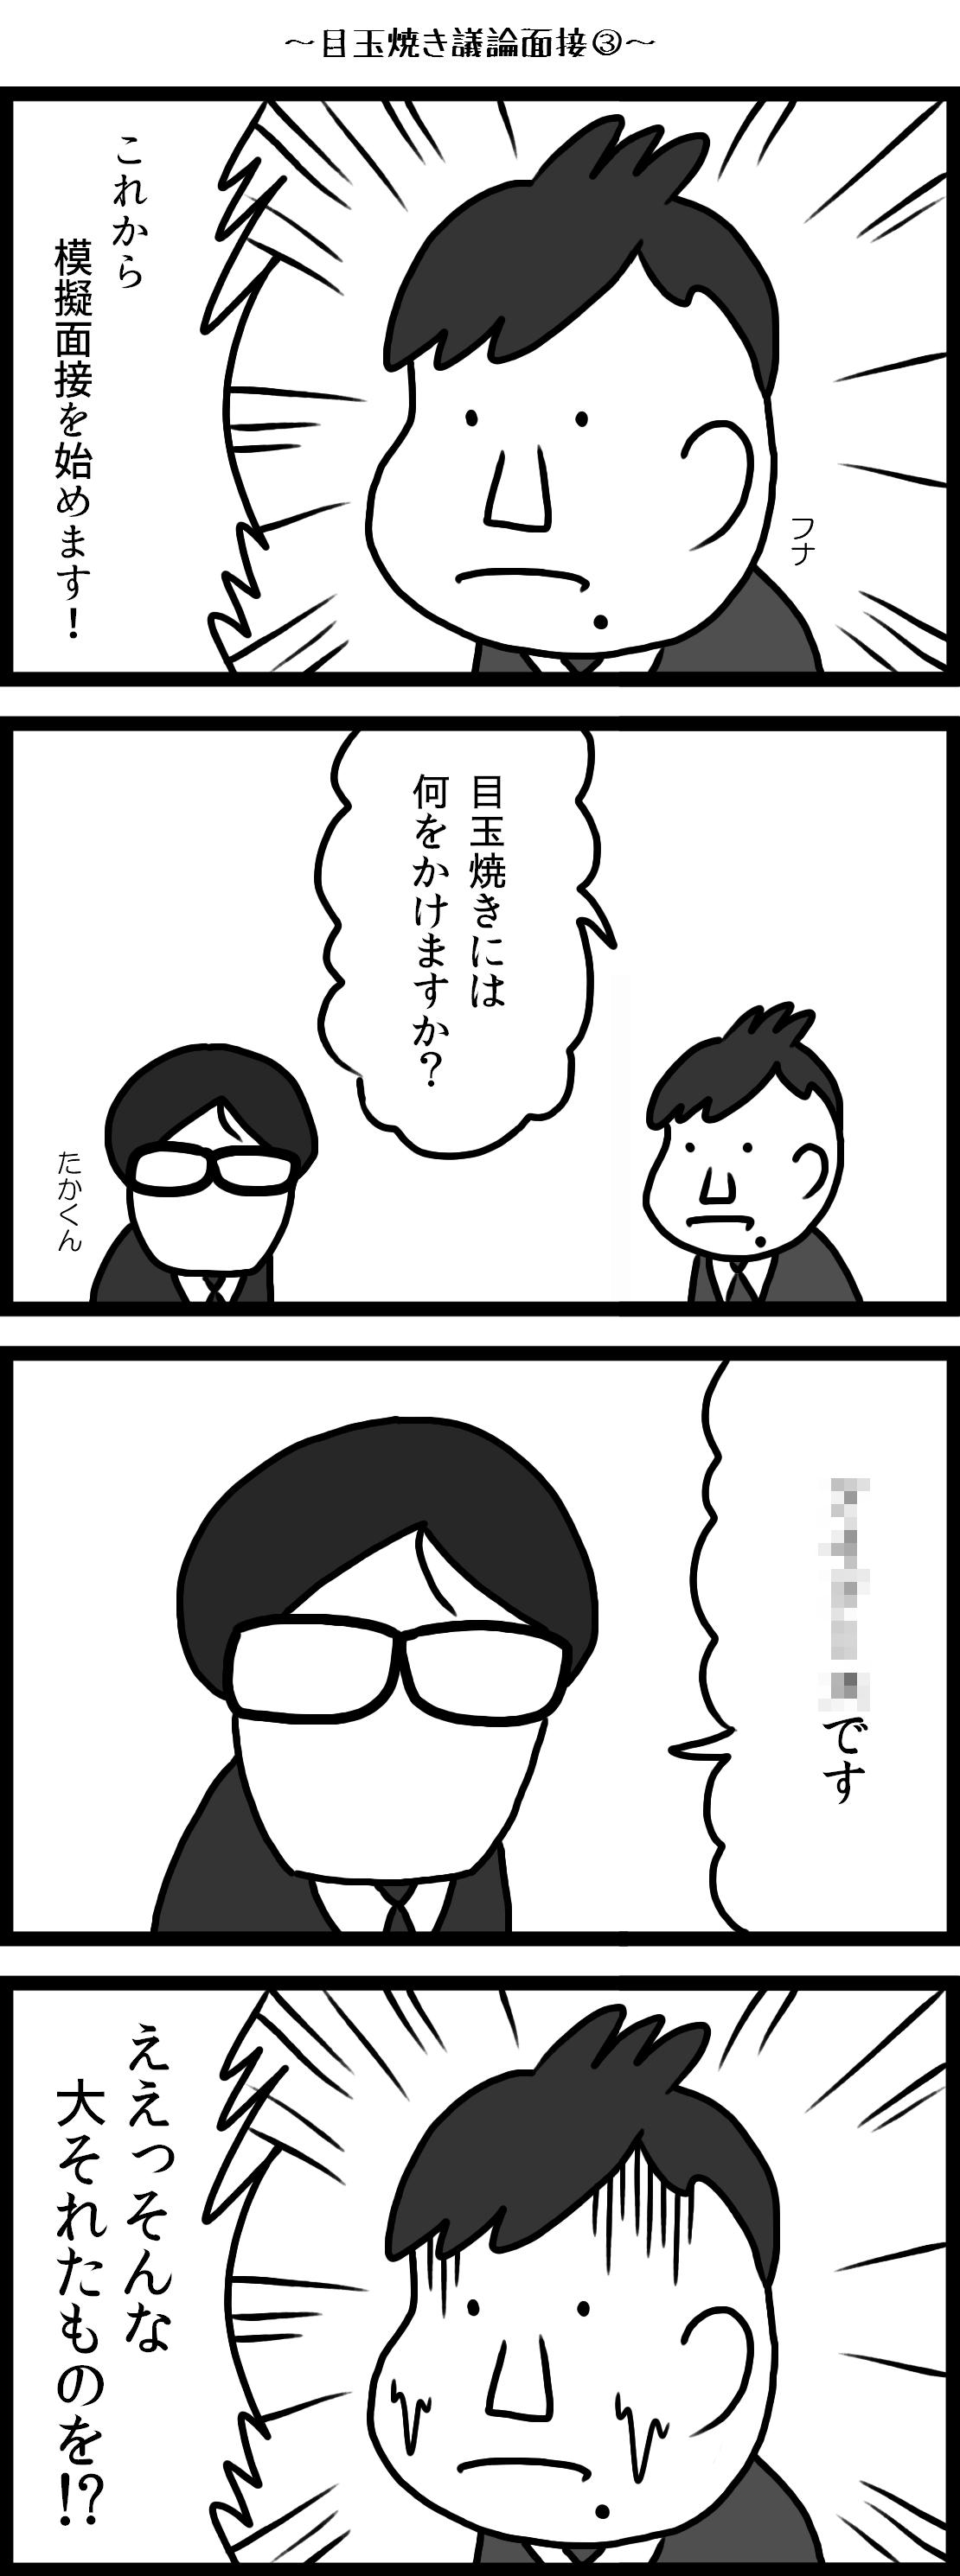 目玉焼き議論面接③